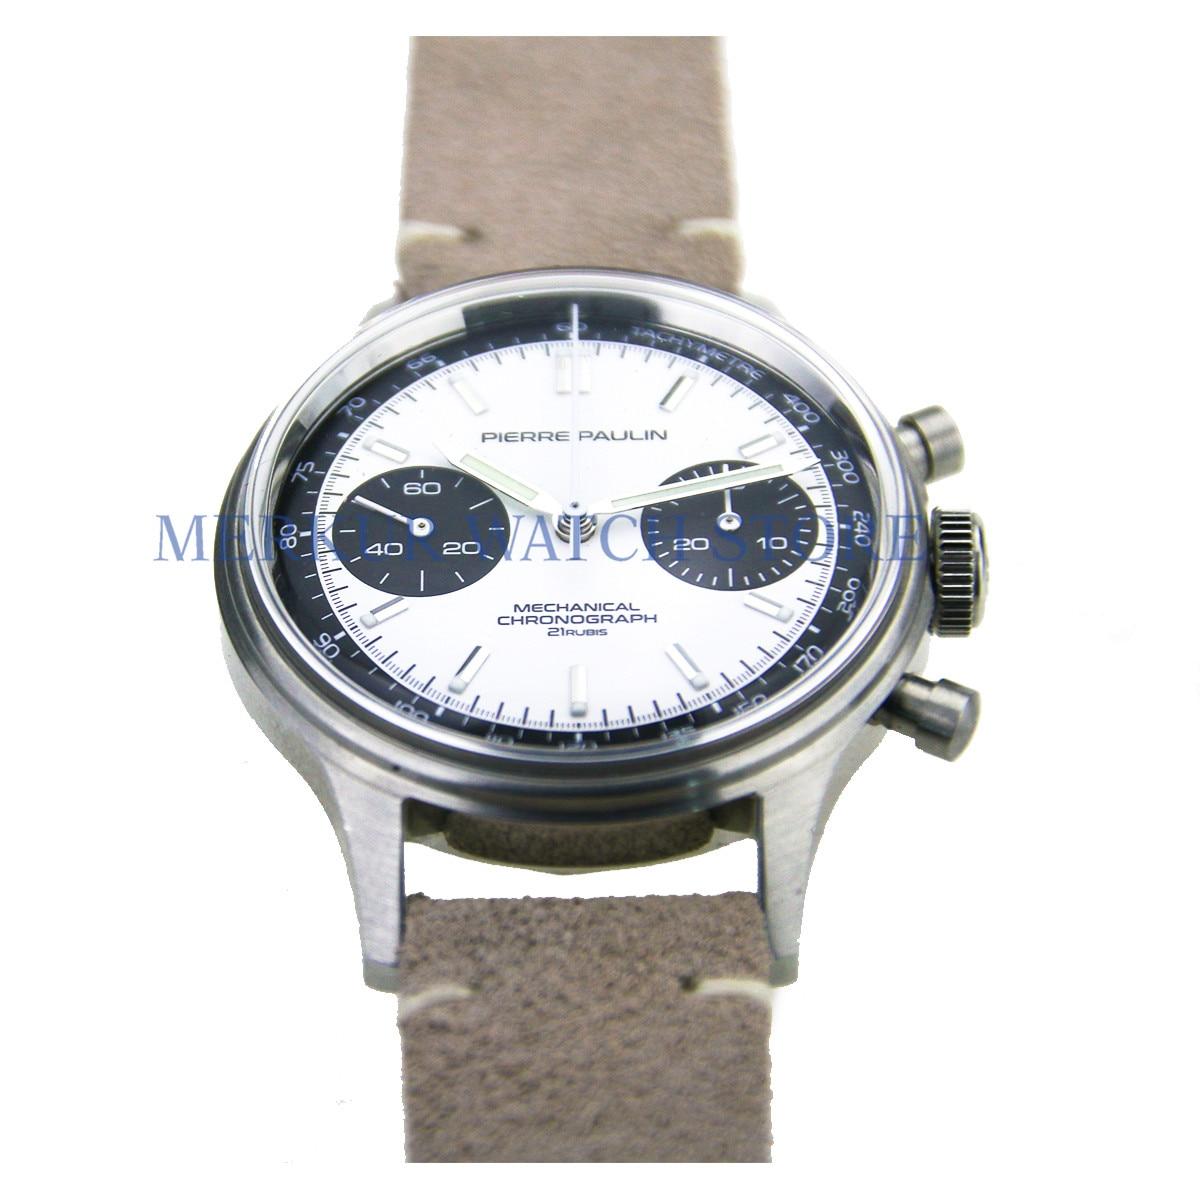 MERKUR FOD Mechanical Chronograph For Seagull 1963 ST1901 Movement Swan Neck Mens Pilot Watch Flieger B-UHR Handwinding Military